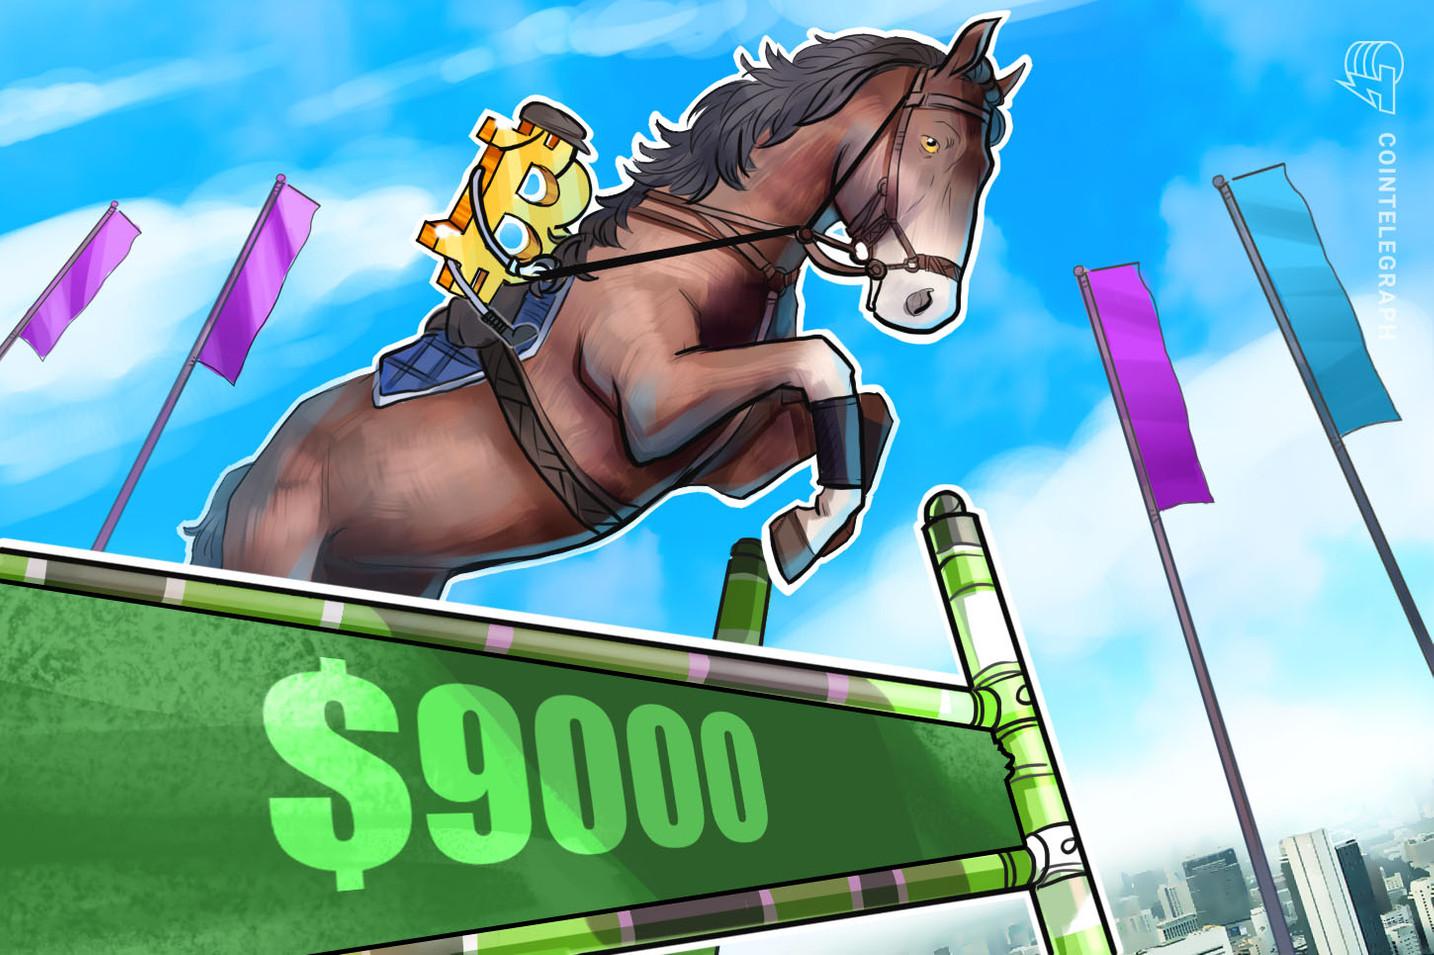 Bitcoin steigt über 9.000 US-Dollar  – 3 technische Gründe